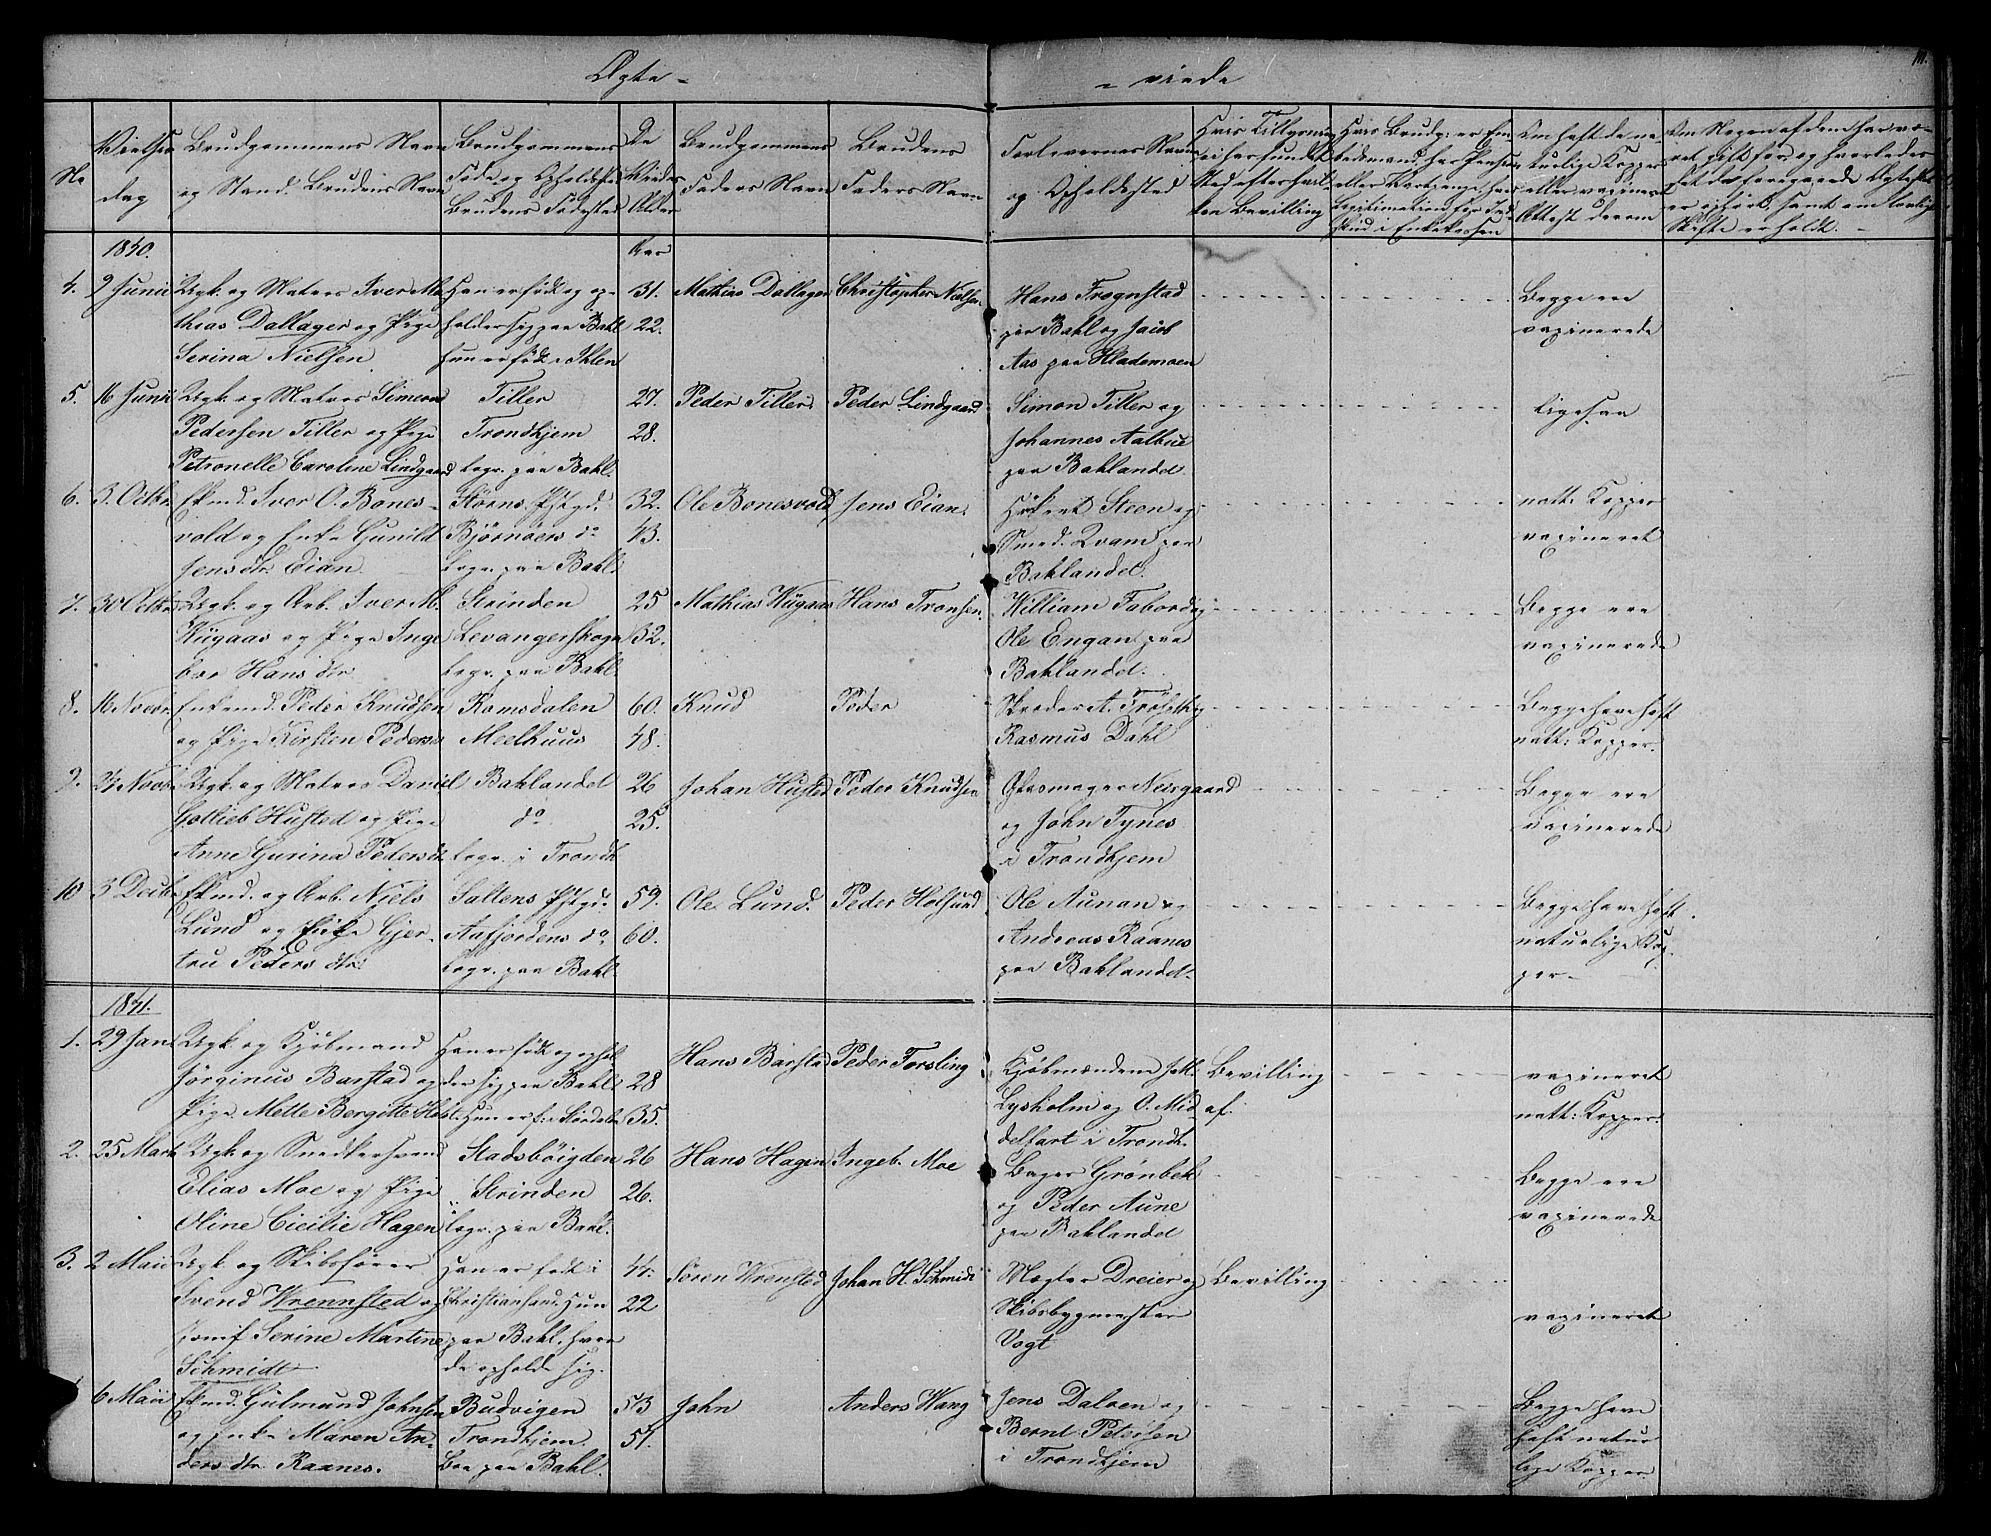 SAT, Ministerialprotokoller, klokkerbøker og fødselsregistre - Sør-Trøndelag, 604/L0182: Ministerialbok nr. 604A03, 1818-1850, s. 111